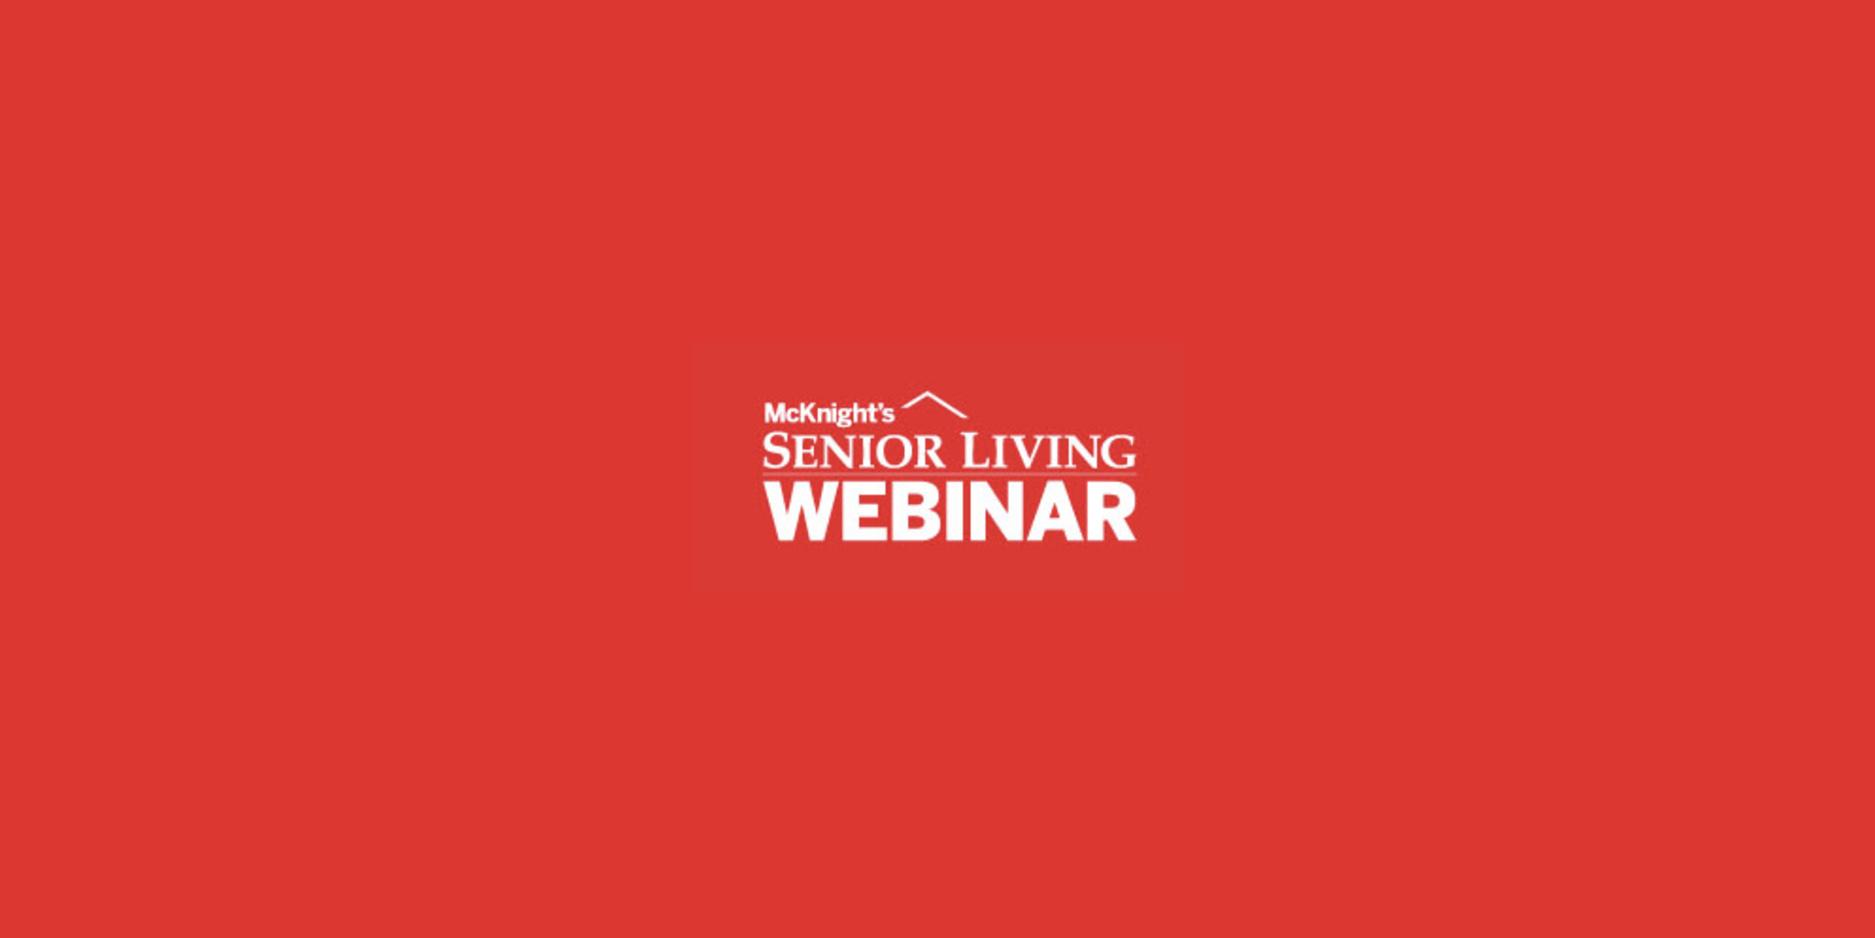 McKnights Senior Living Webinar